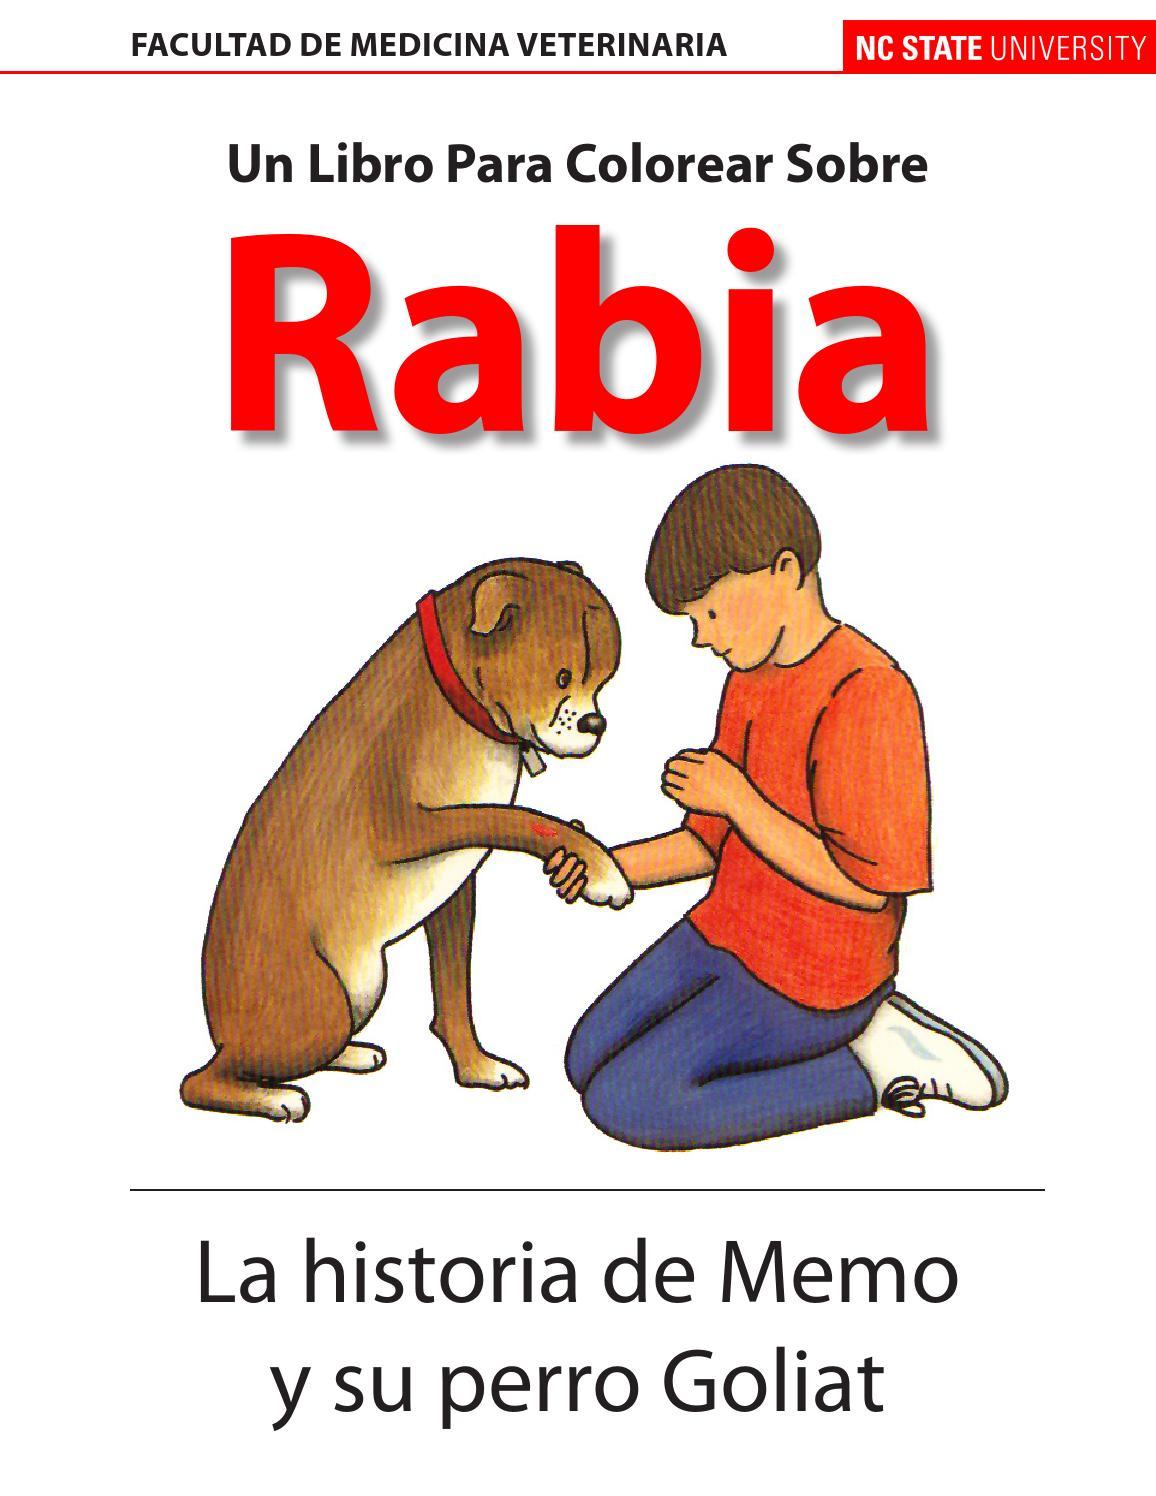 Rabia: libro para colorear 2010 mcorrea by Dr. Maria Correa - issuu